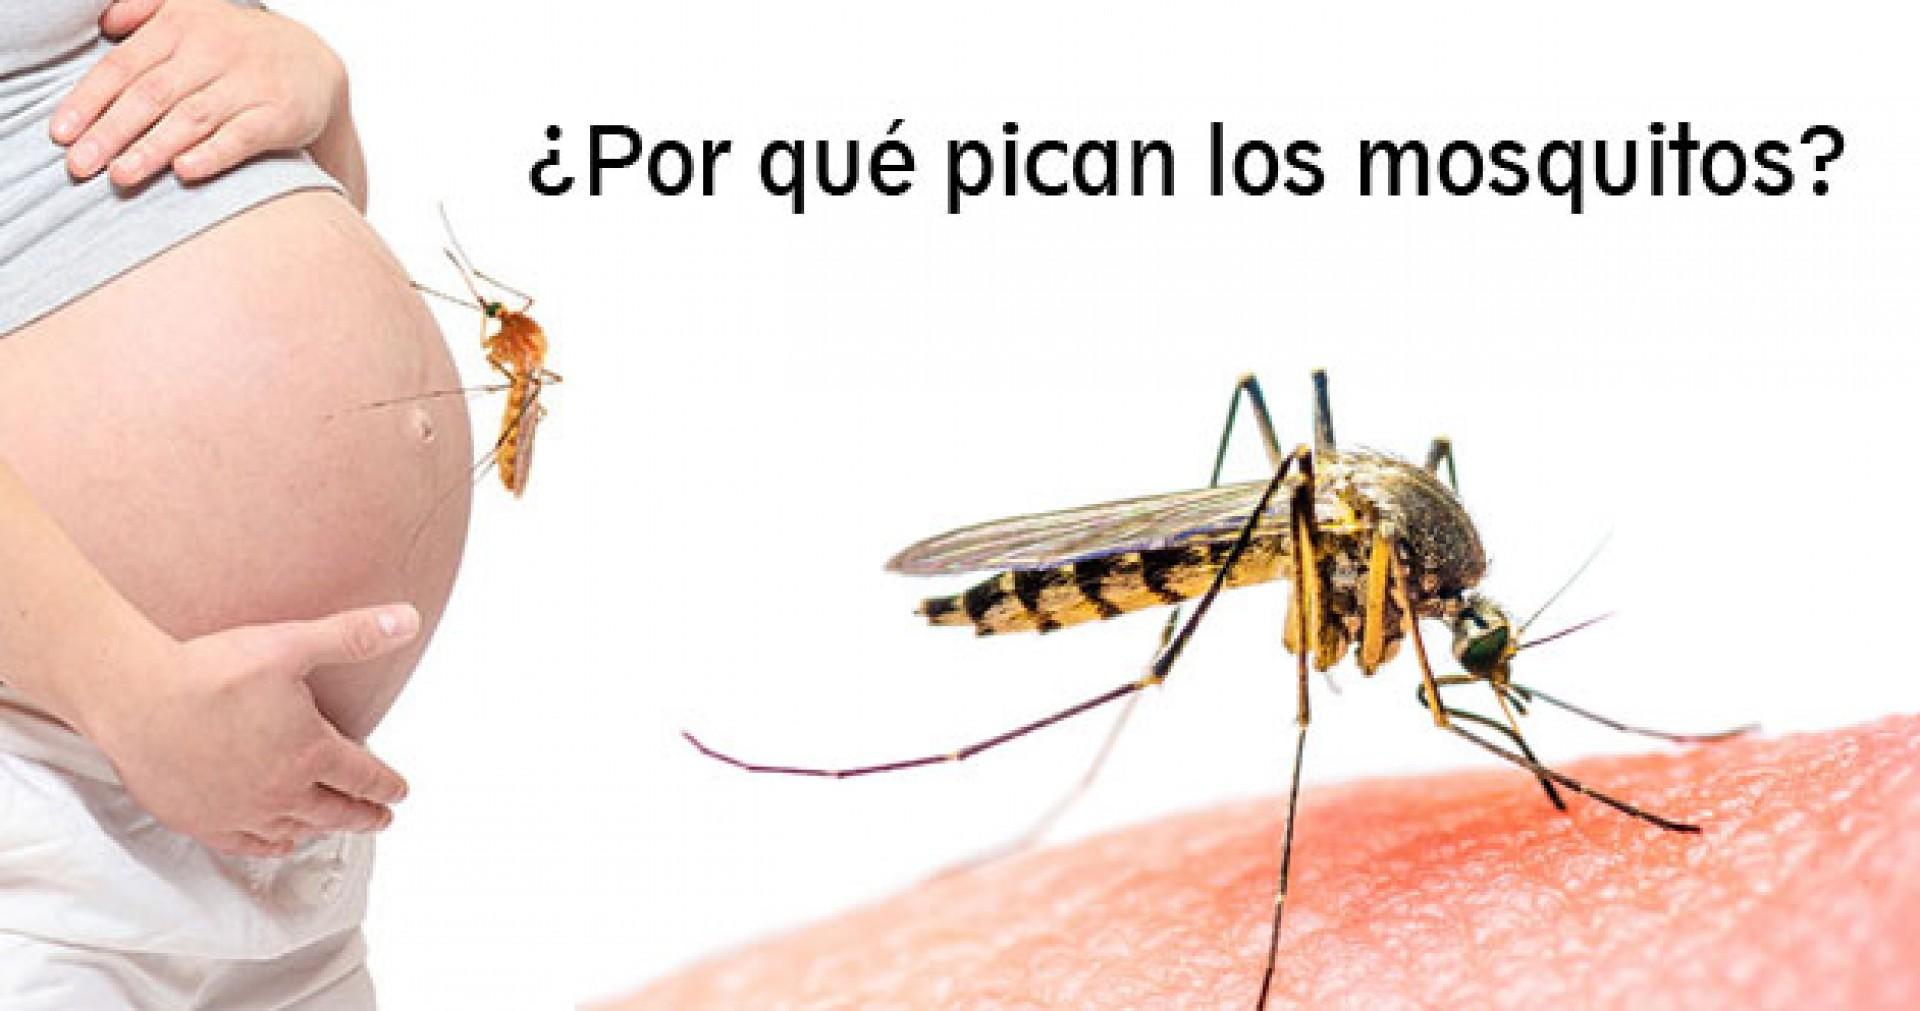 Los mosquitos pican